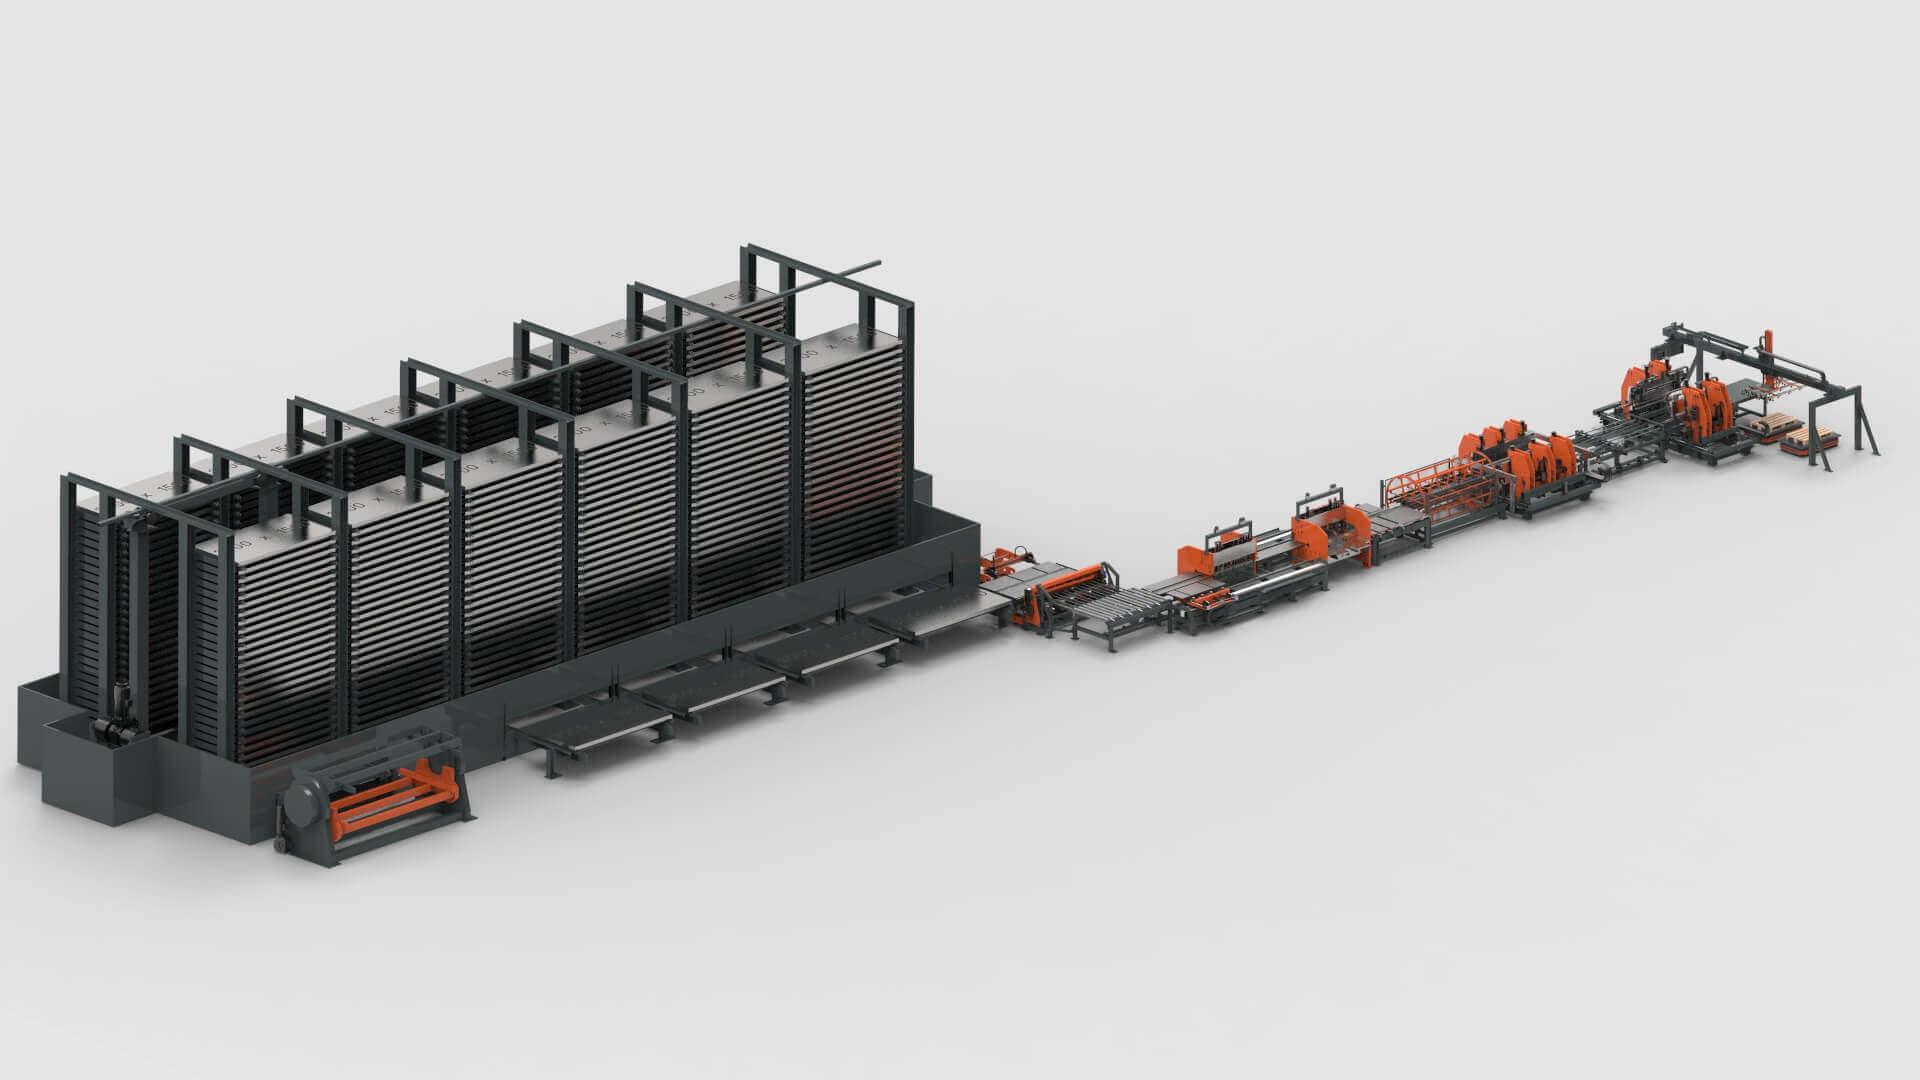 wemo-systeemwand-panelen-plaatbewerking-platenmagazijn-knippen-ponsen-buigen-productielijn.jpg